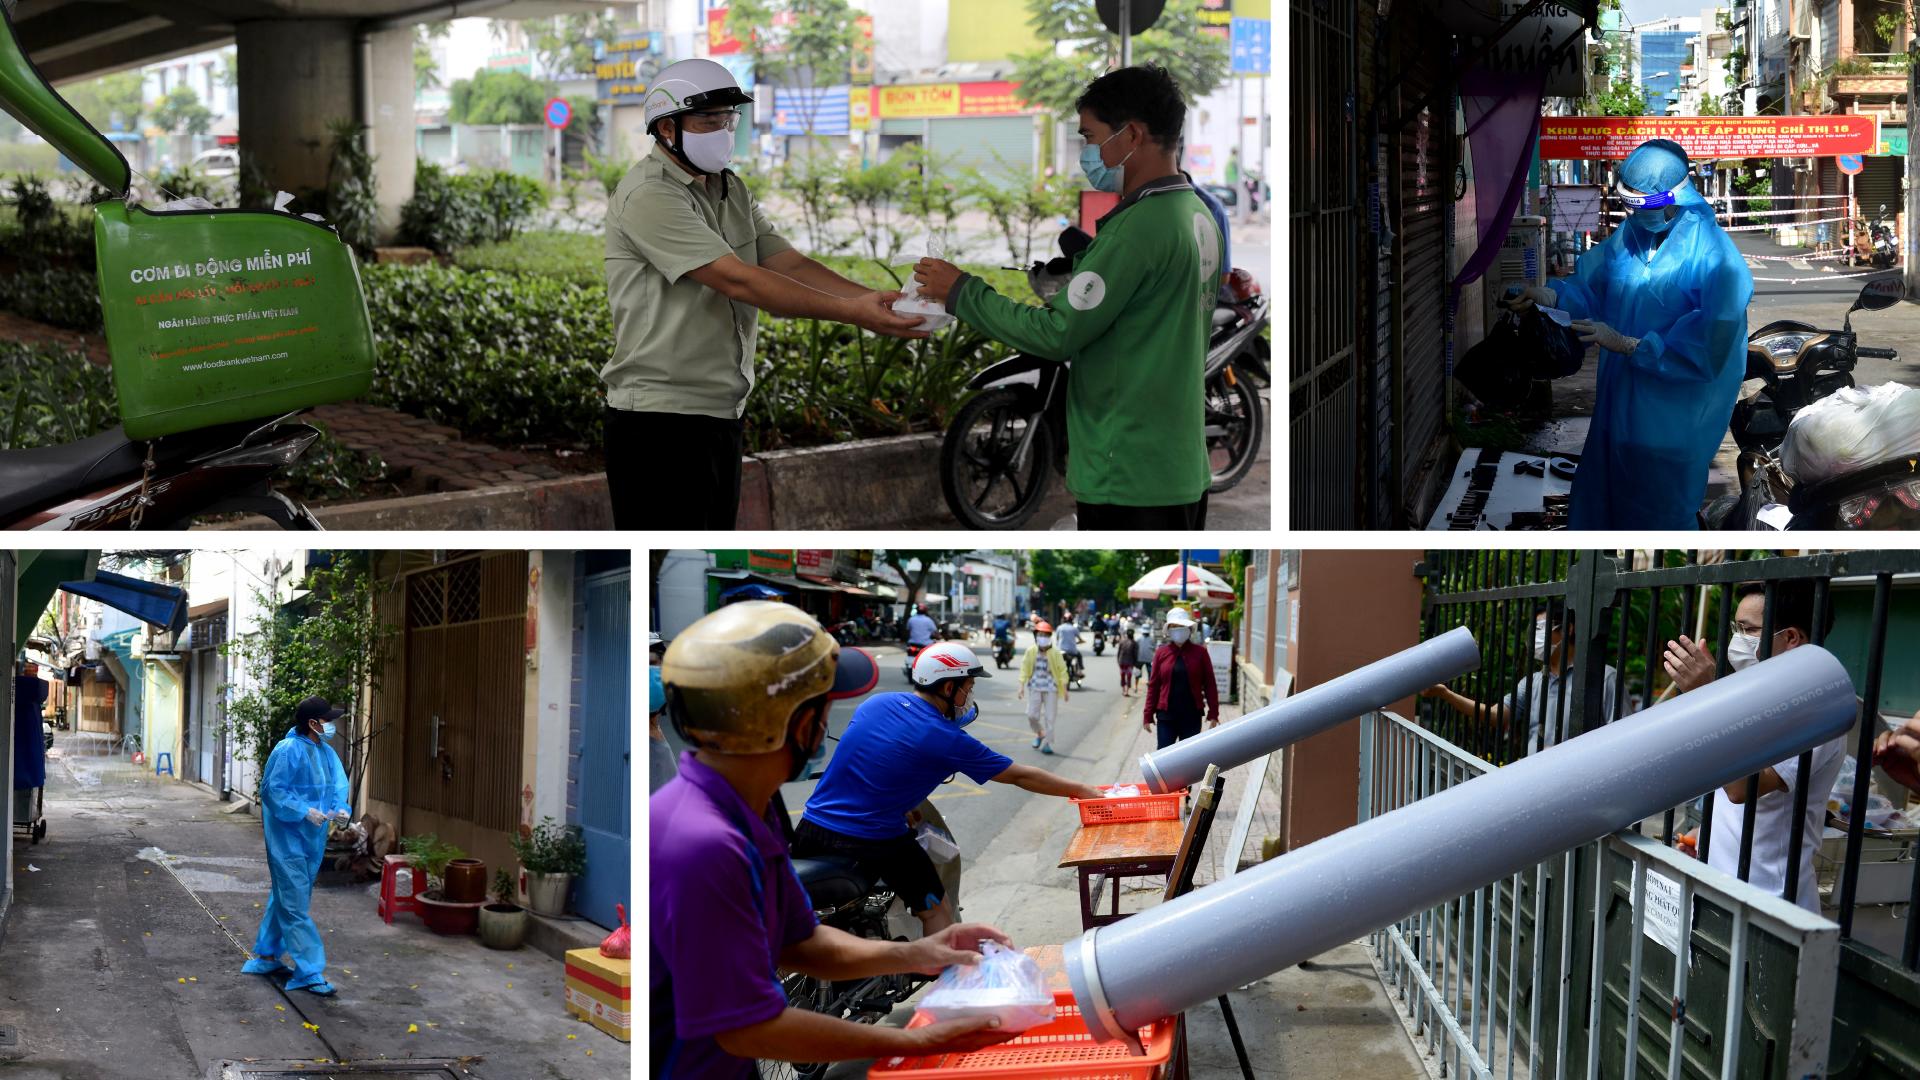 Tình Sài Gòn trong mắt người con xa xứ mắc kẹt giữa tâm dịch - 3